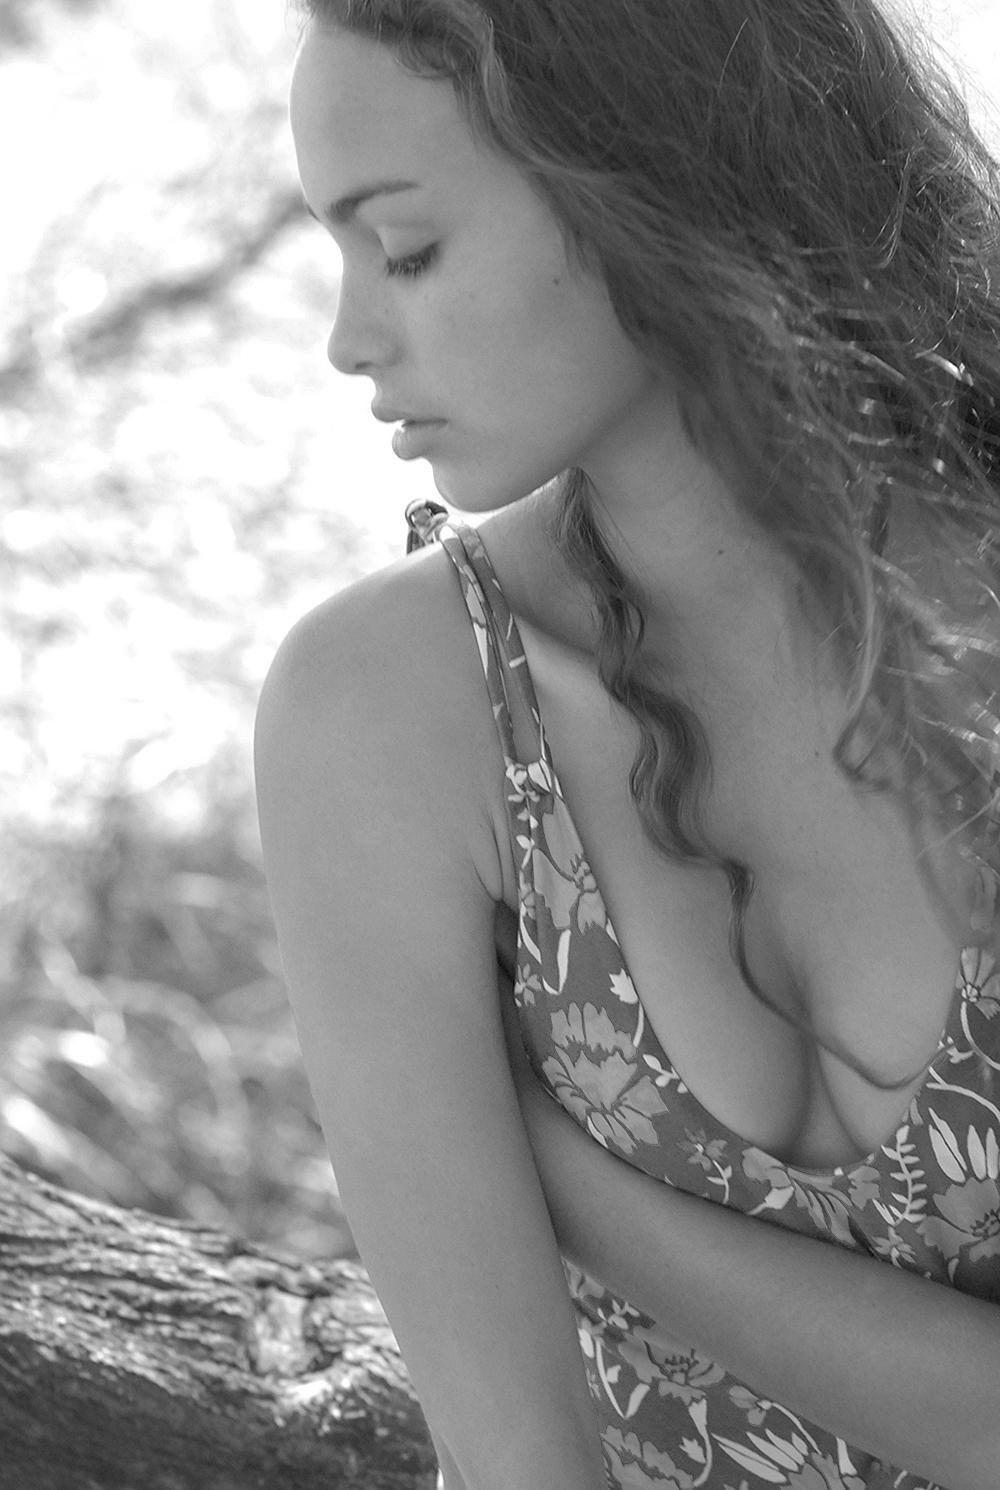 Swimbook_Tori_Praver_swimsuit_Helena_Brewbaker_DSC_0271.jpg